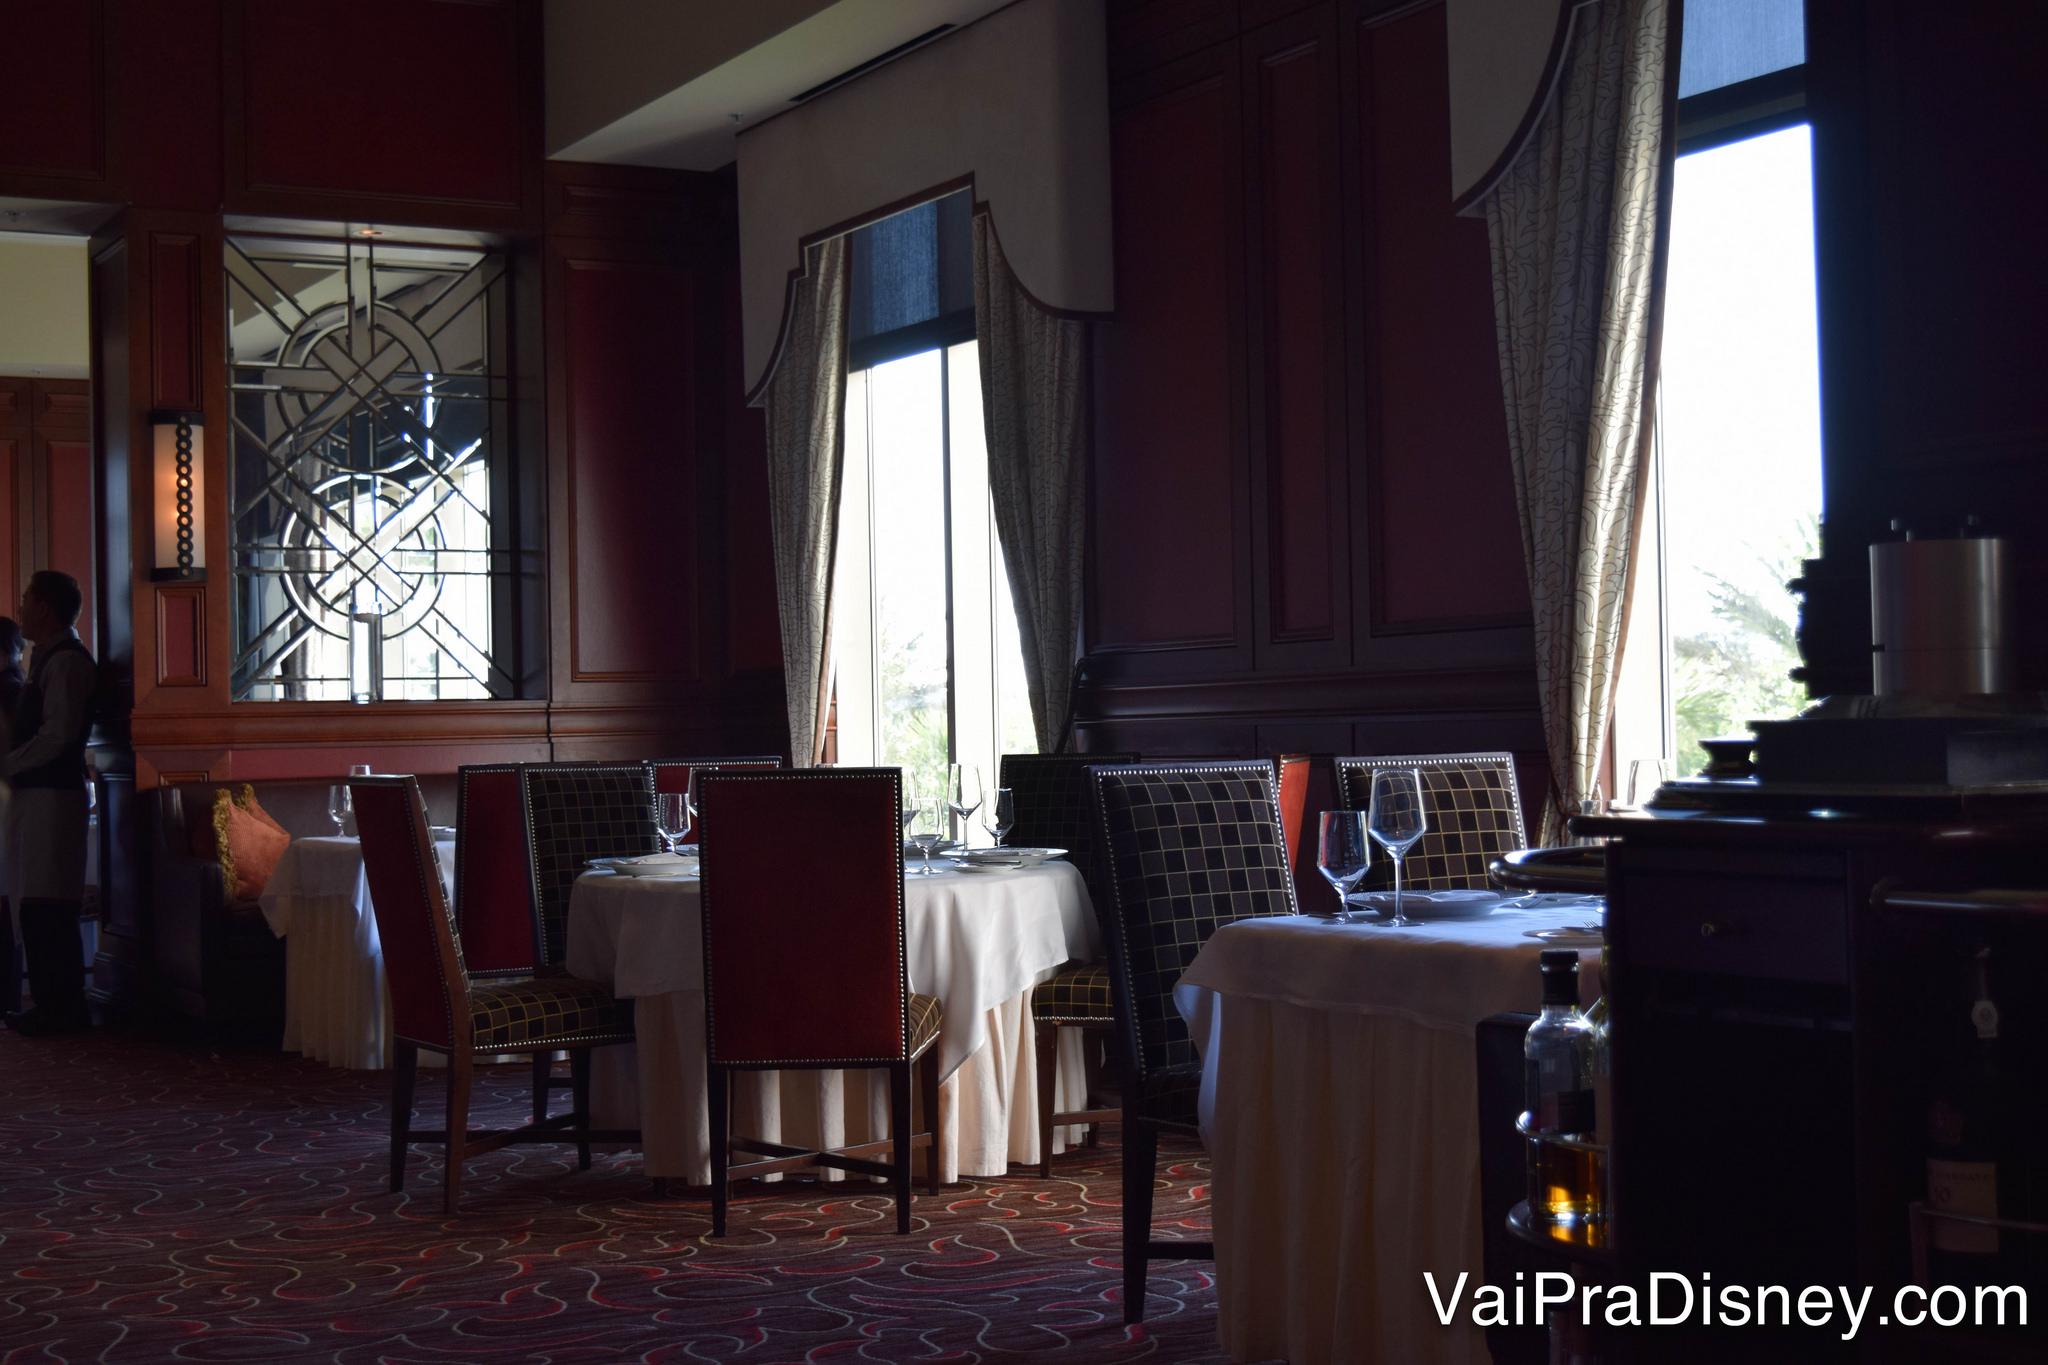 O ambiente elegante do restaurante, com cadeiras confortáveis e cortinas amplas